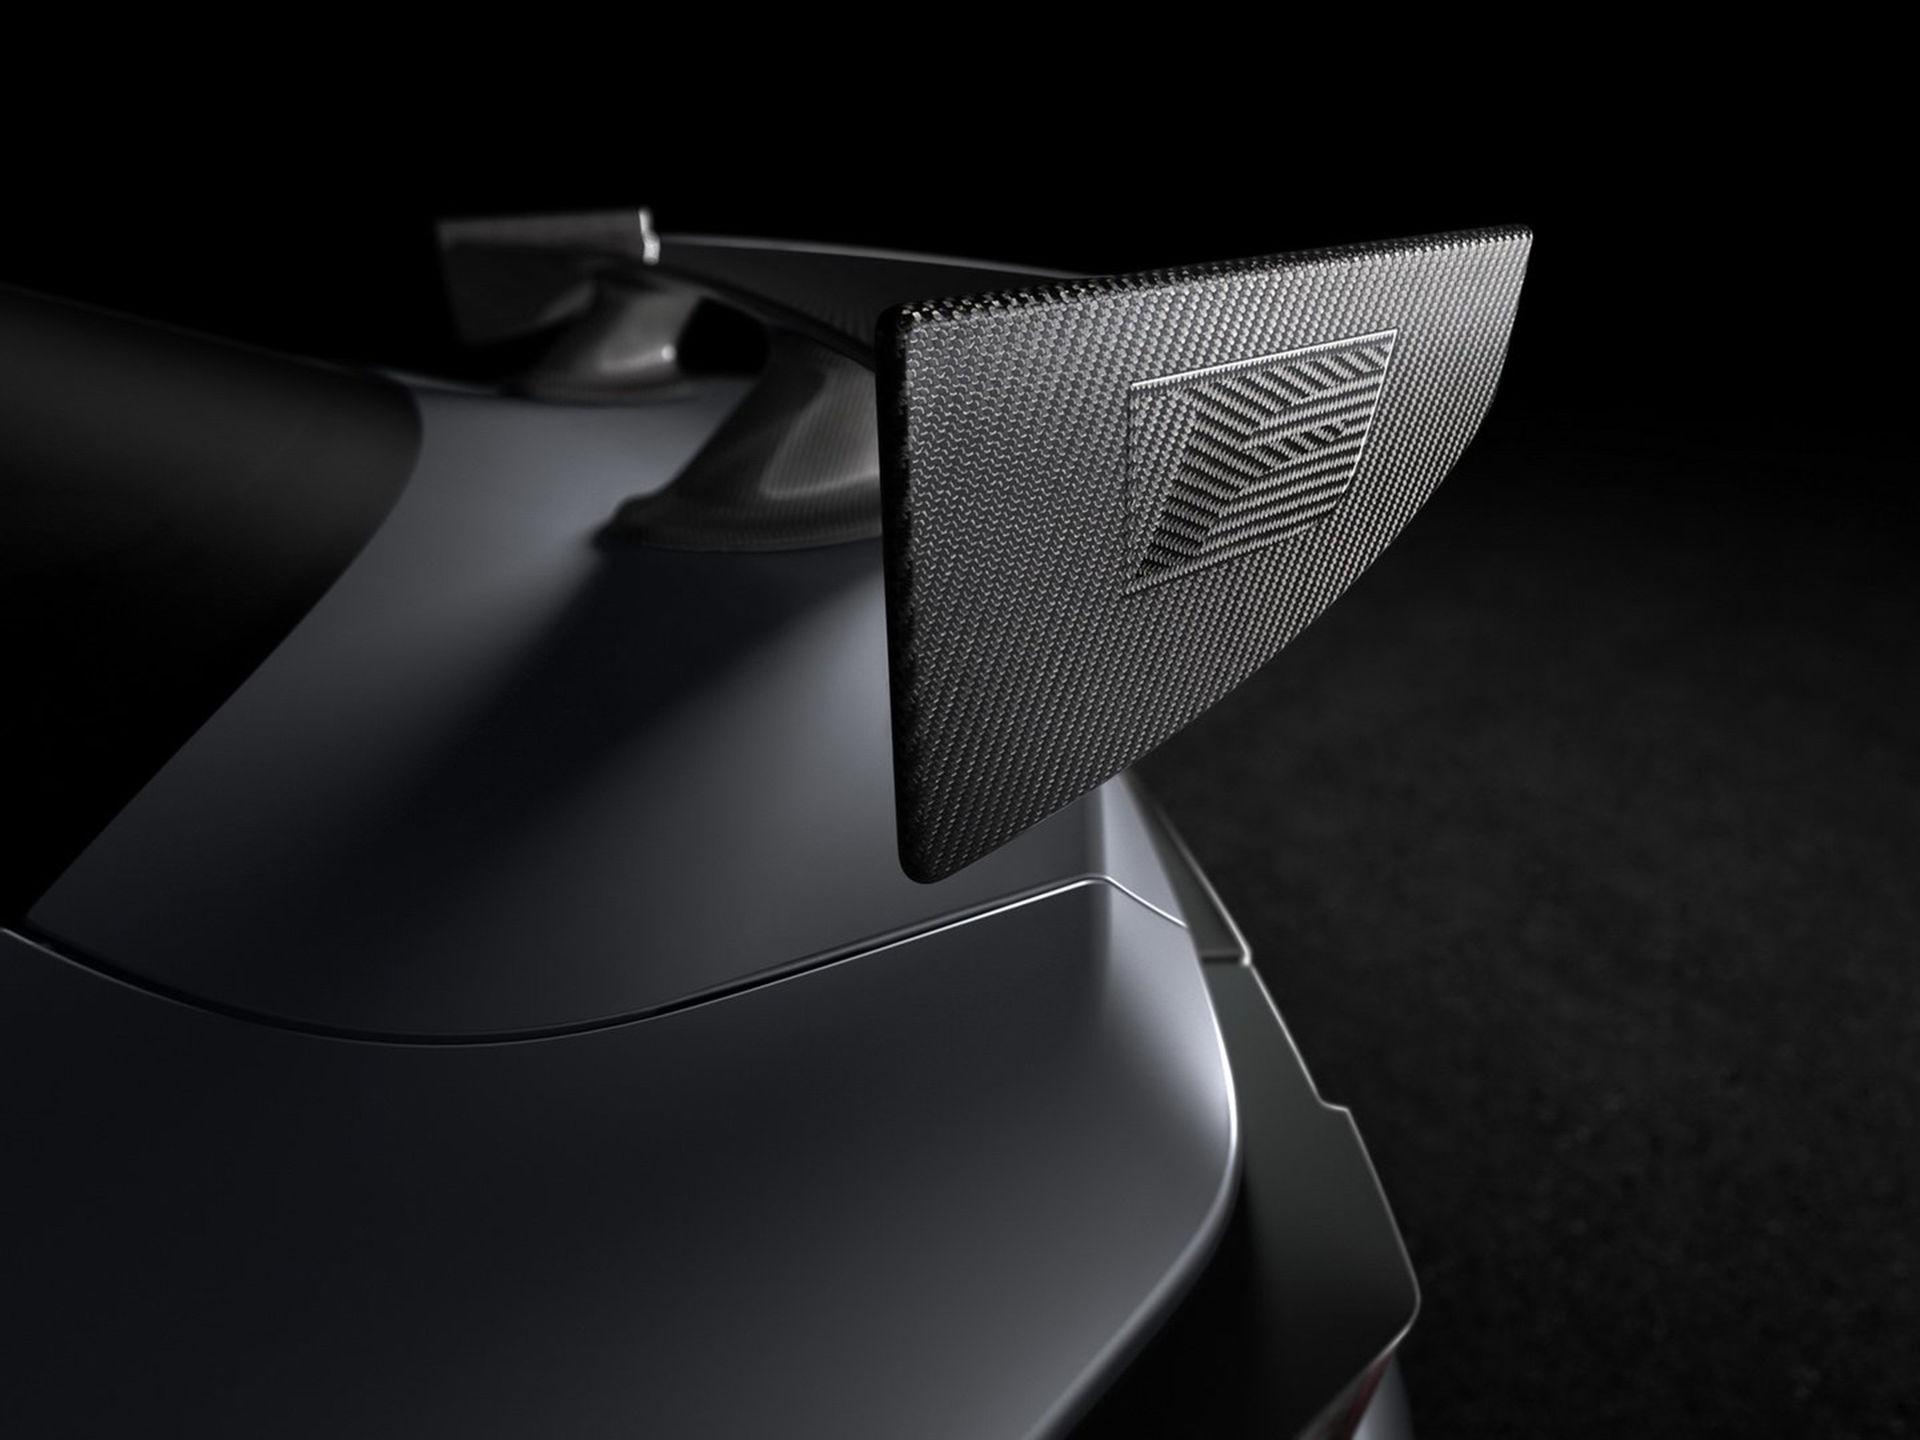 Lättare, snabbare och argare RC F från Lexus